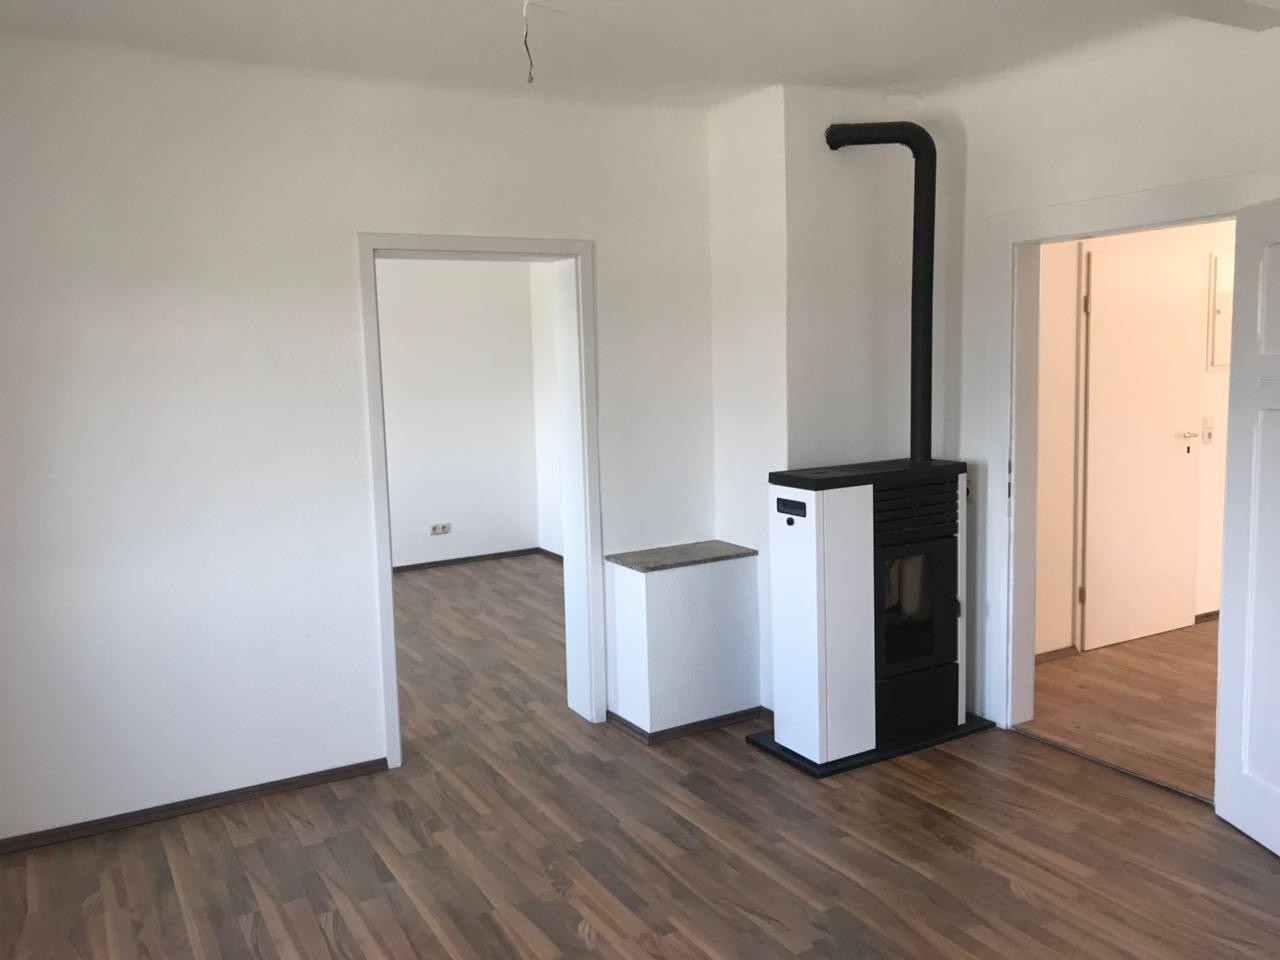 Komfortables Wohnzimmer mit Pelletheizung